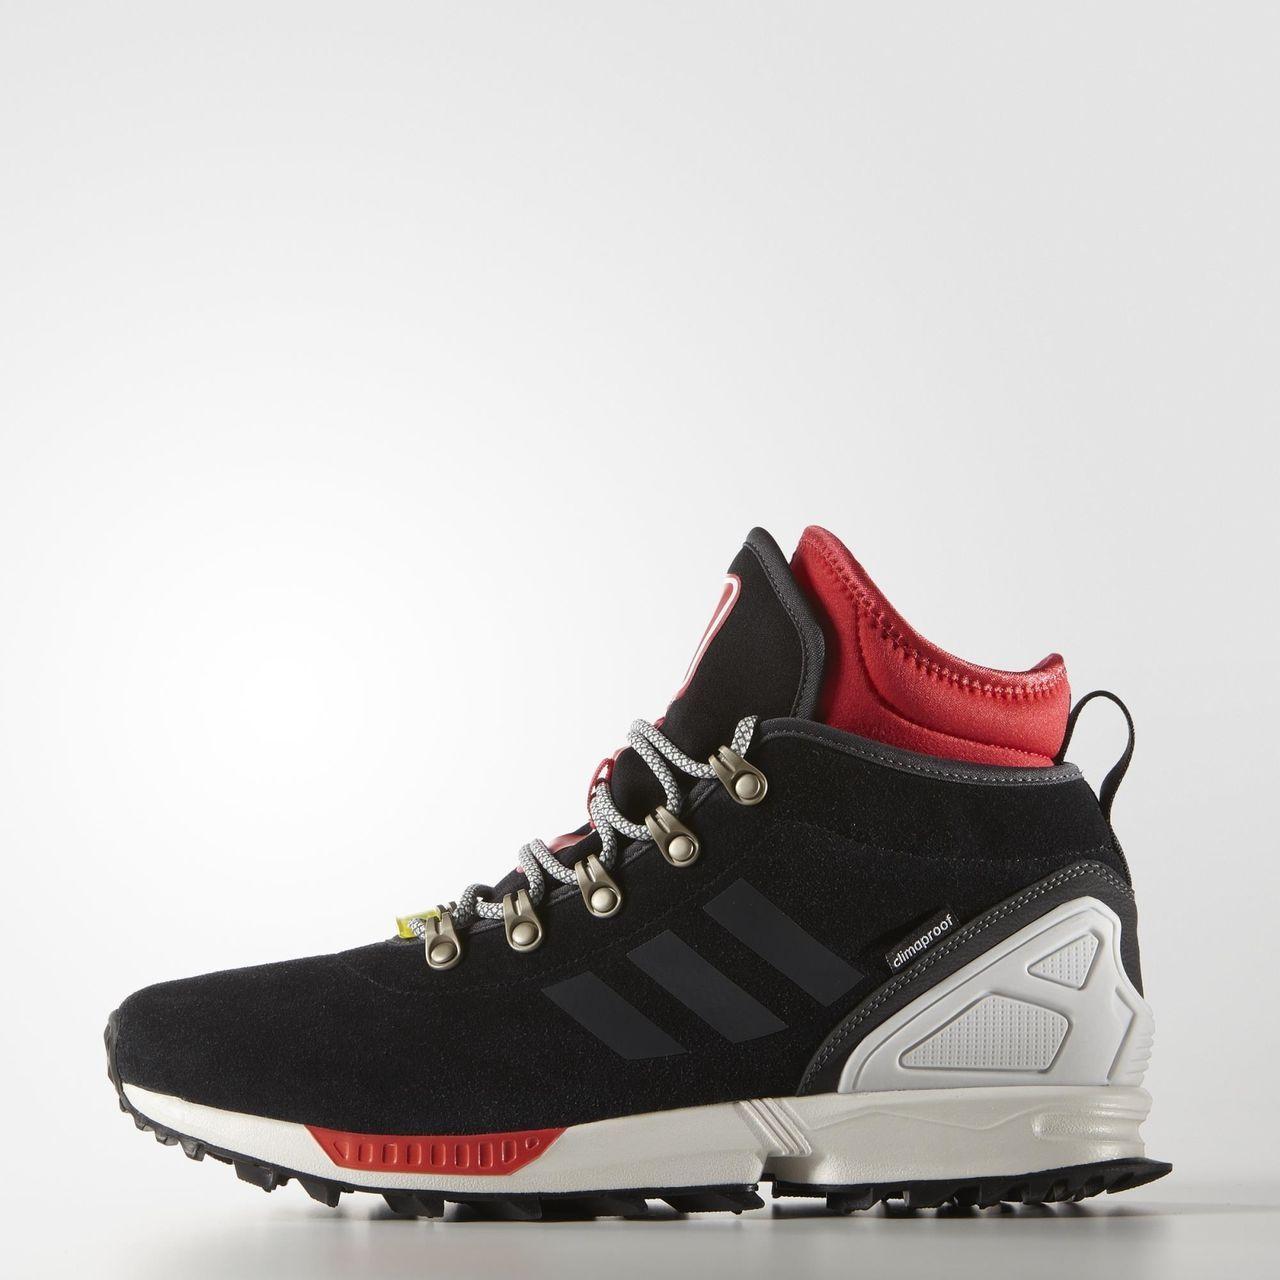 Adidas Zx Flux Winter Shoes Black Adidas Us Nuevas Zapatillas Adidas Estilo De Botas Para Hombre Zapatos De Invierno